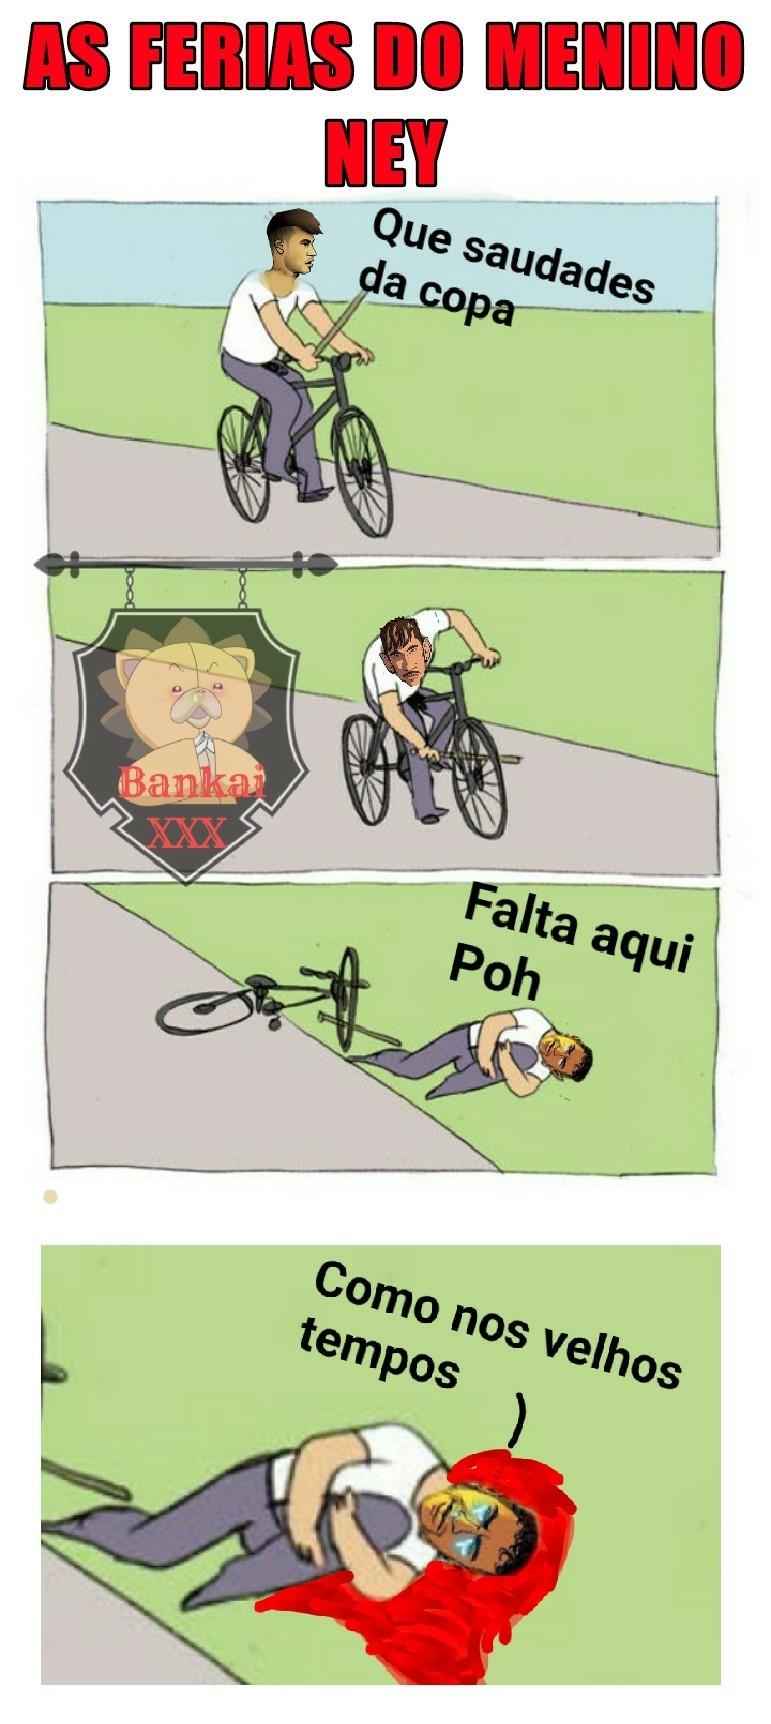 Ney - meme